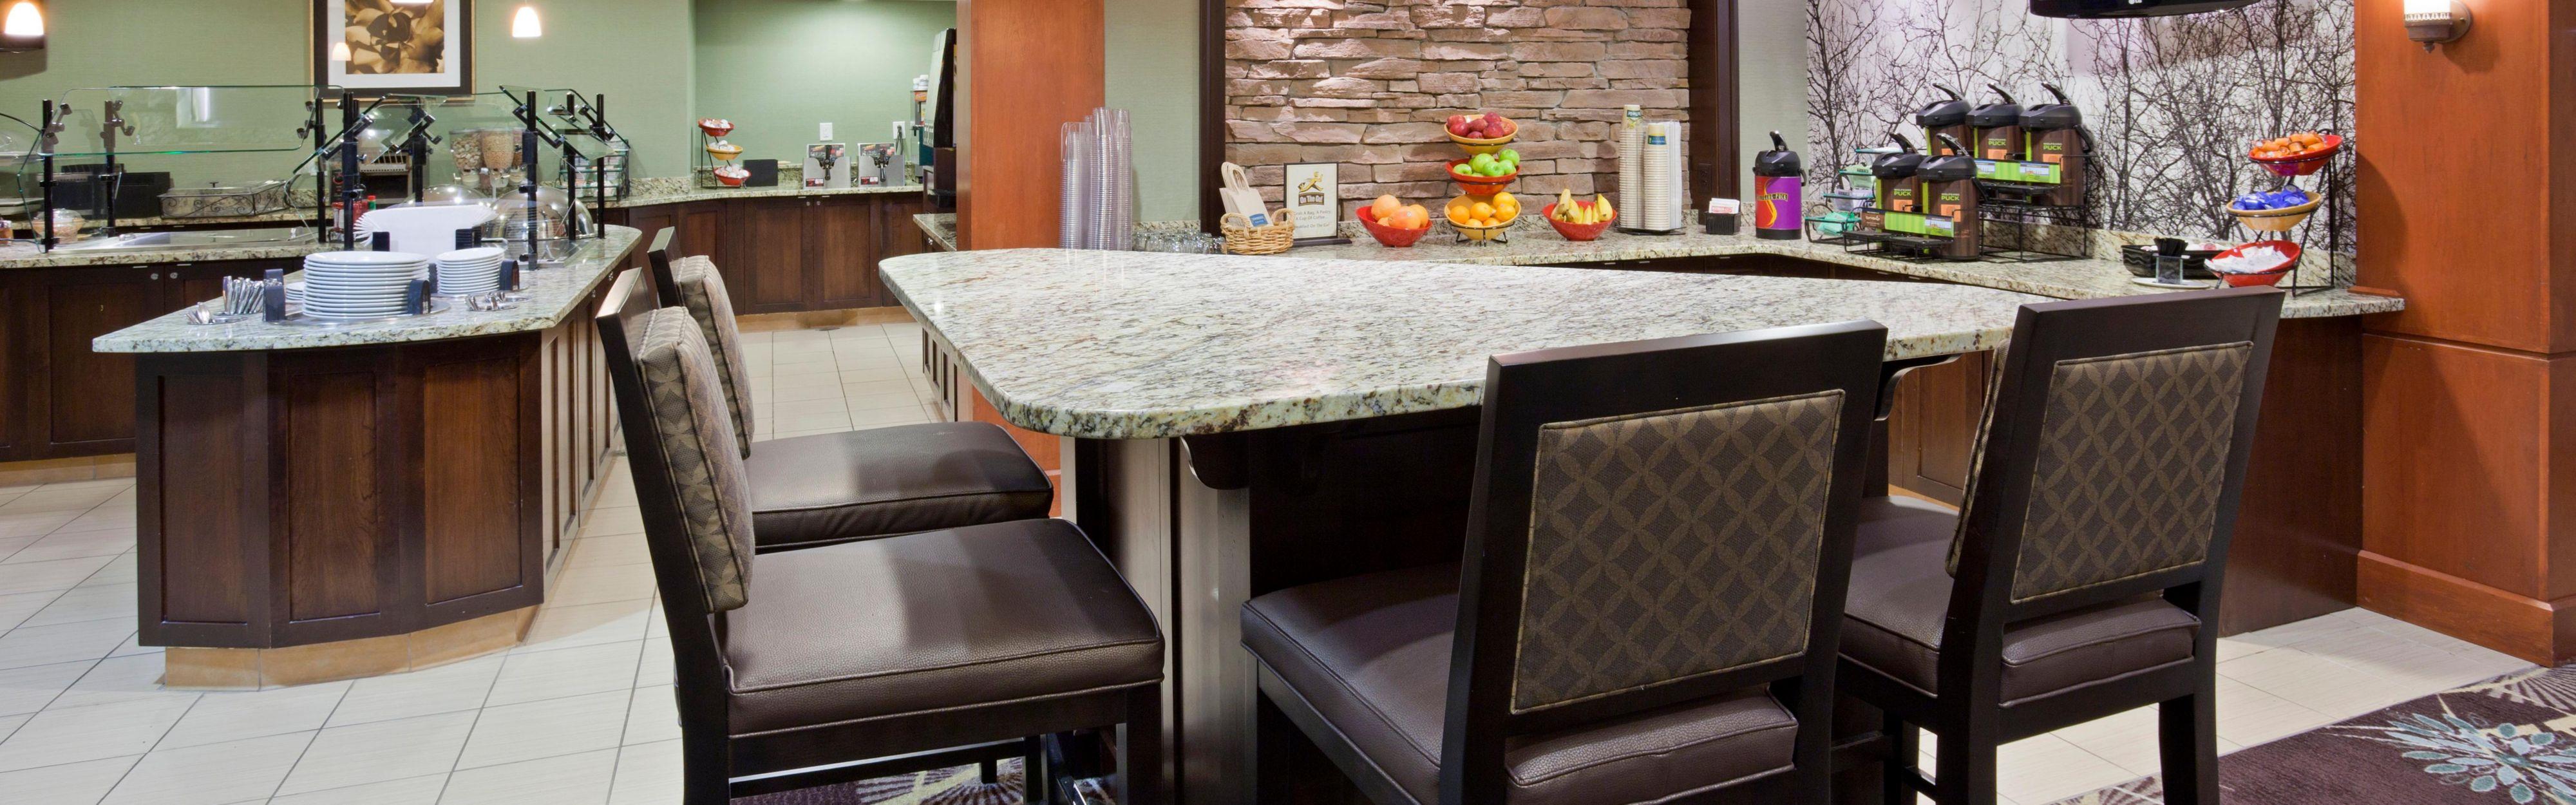 Staybridge Suites Minneapolis-Bloomington image 3